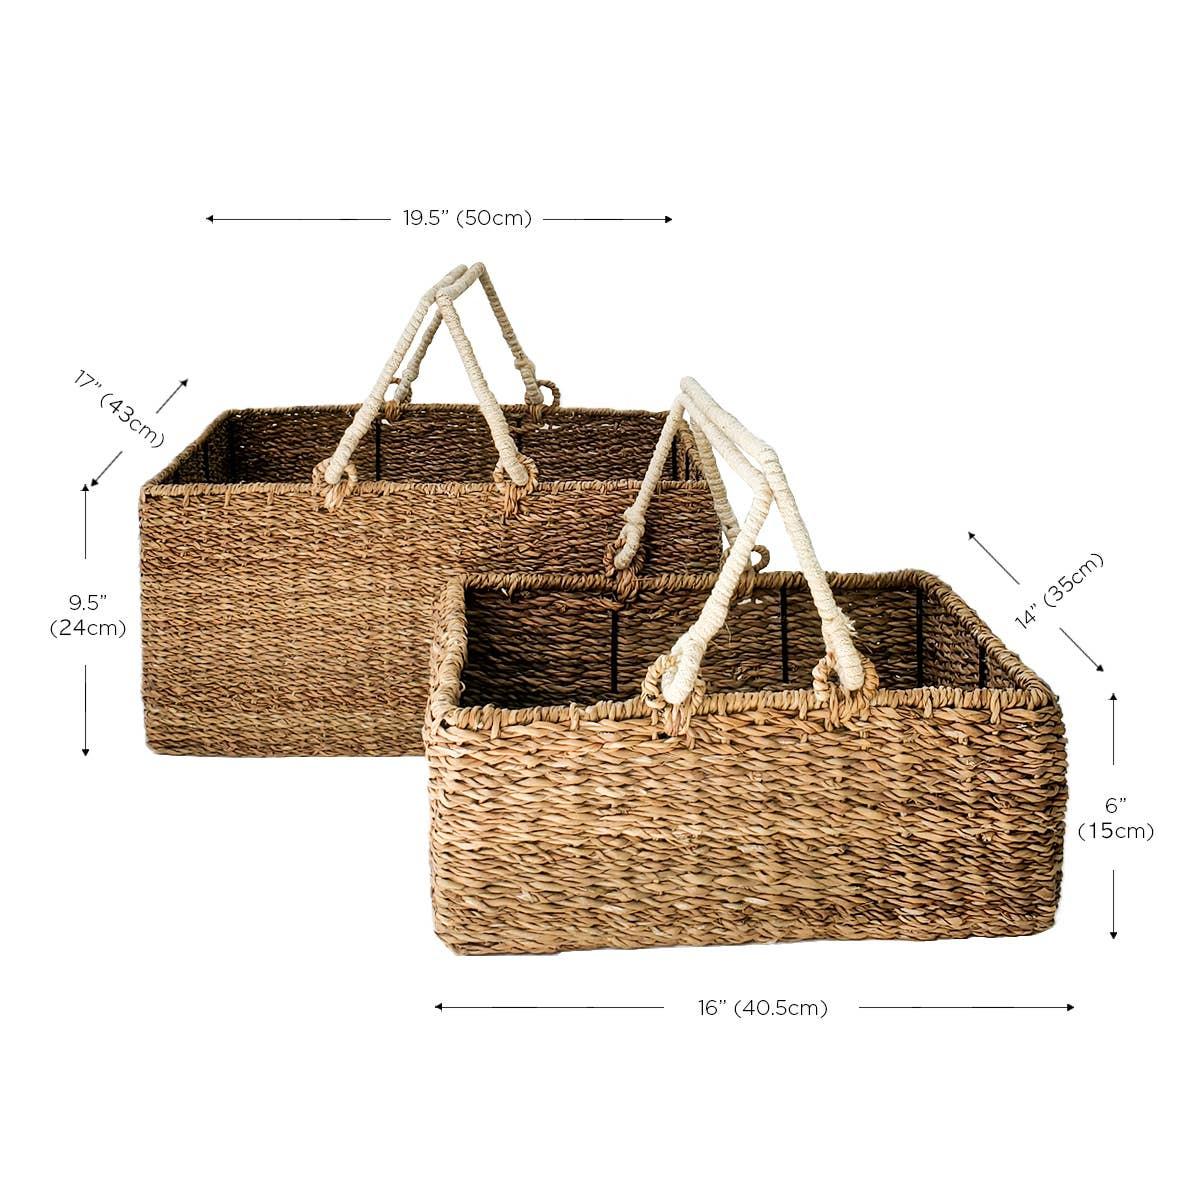 Savar Picnic SQ Basket (Set of 2) | Trada Marketplace